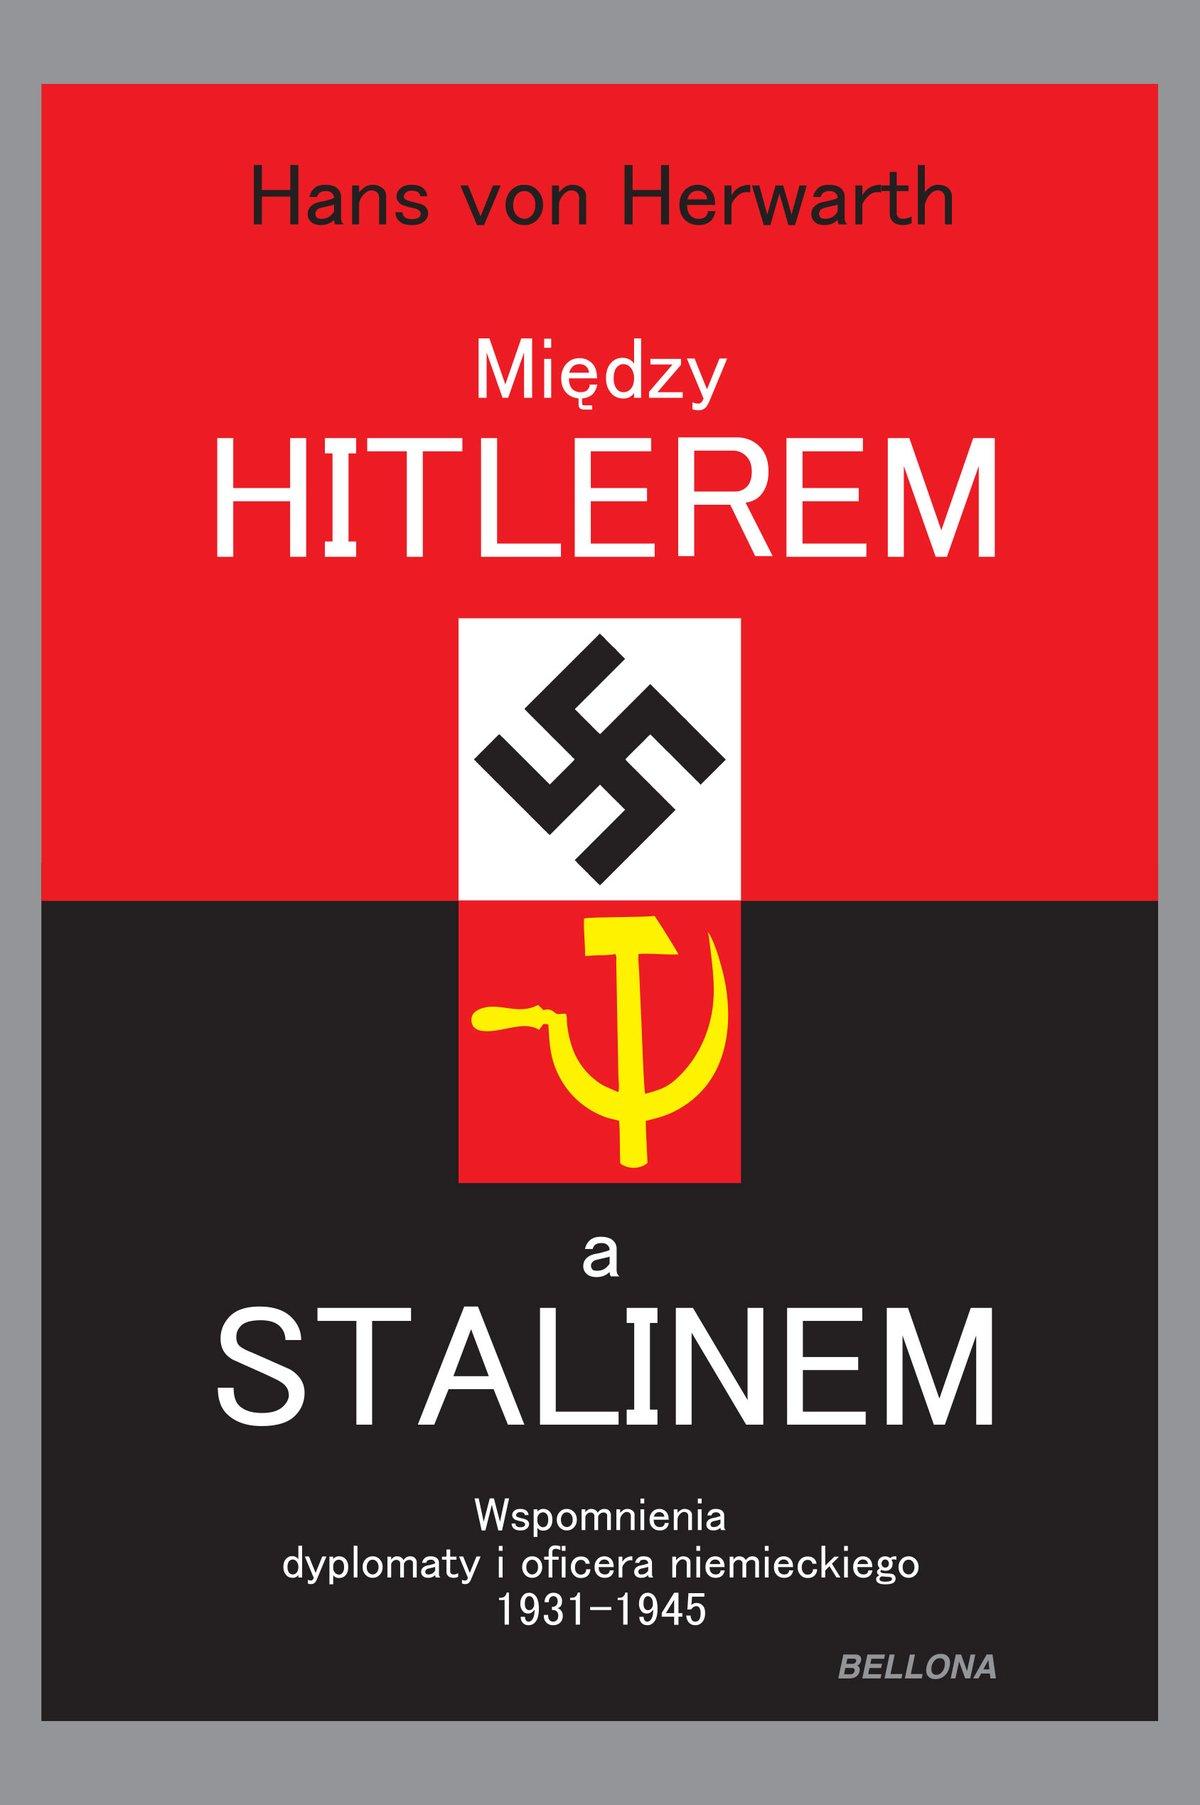 Między Hitlerem a Stalinem. Wspomnienia dyplomaty i oficera niemieckiego 1931-1945 - Ebook (Książka na Kindle) do pobrania w formacie MOBI